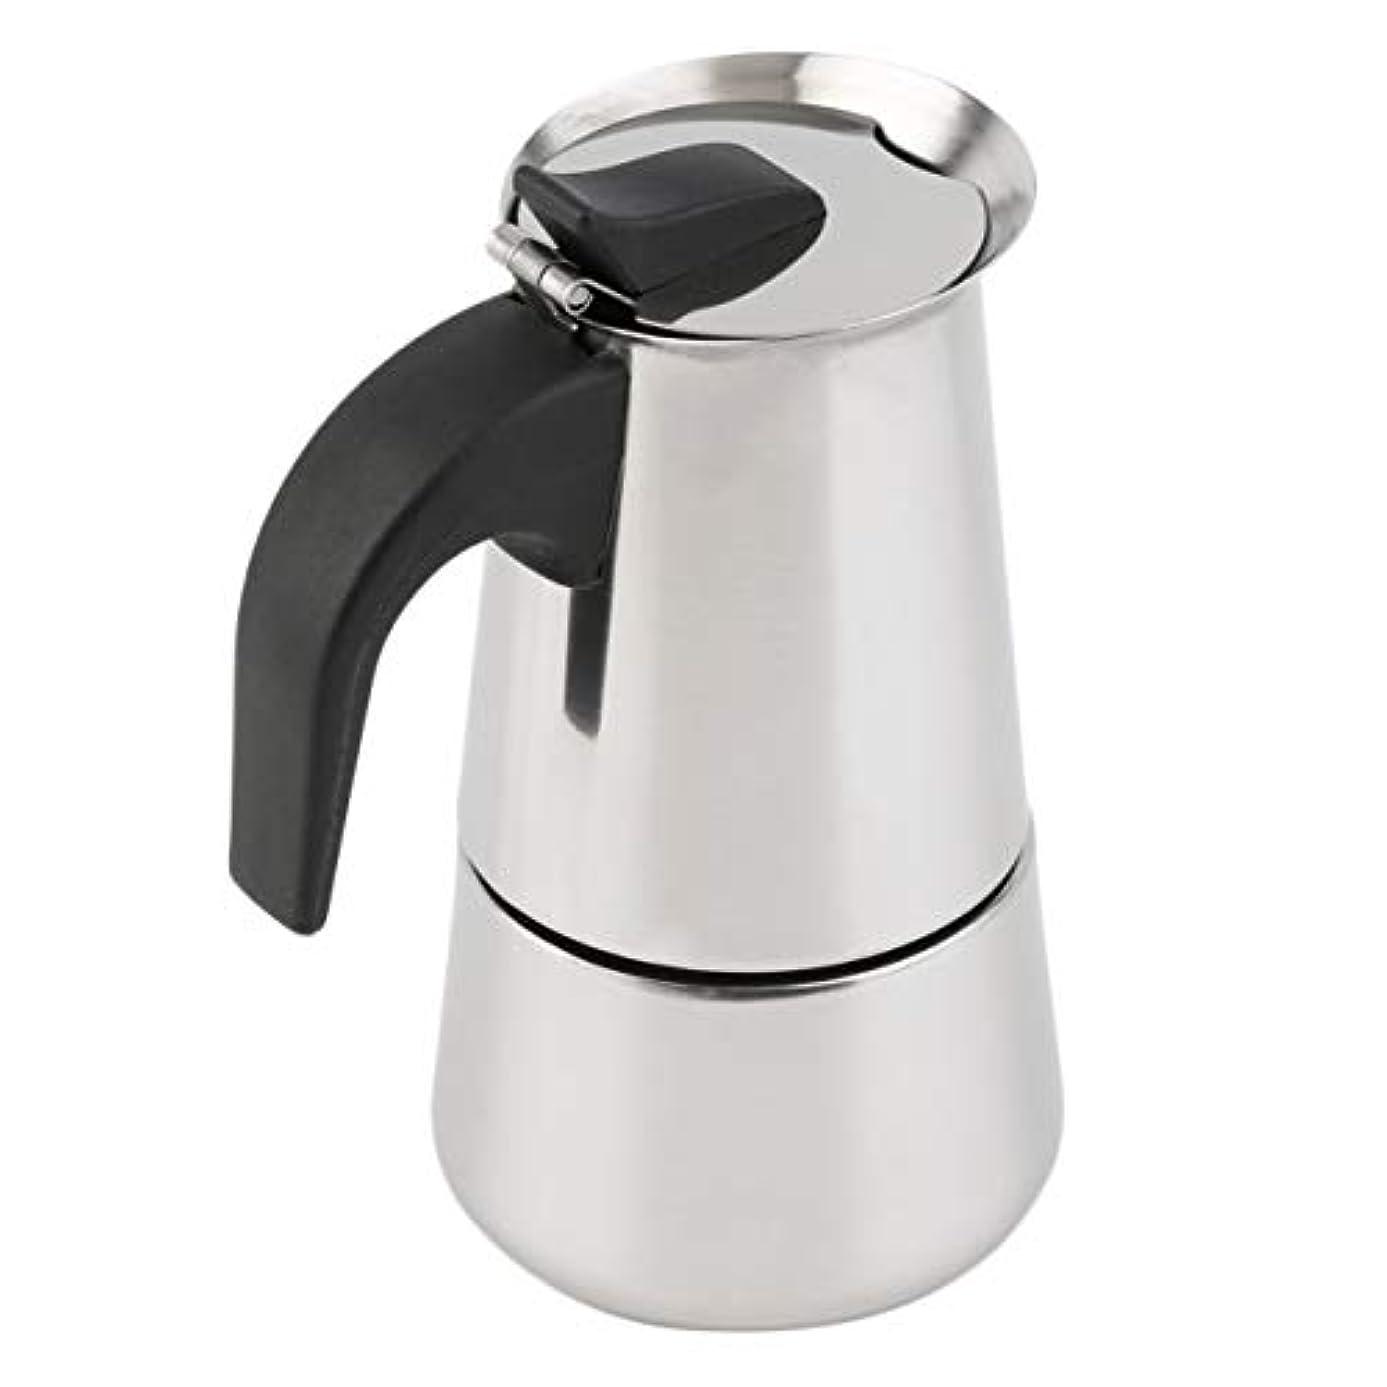 類似性悪性の富Saikogoods 2/4/6カップパーコレーターストーブトップのコーヒーメーカーモカエスプレッソラテステンレスポットホット販売 銀 6カップ